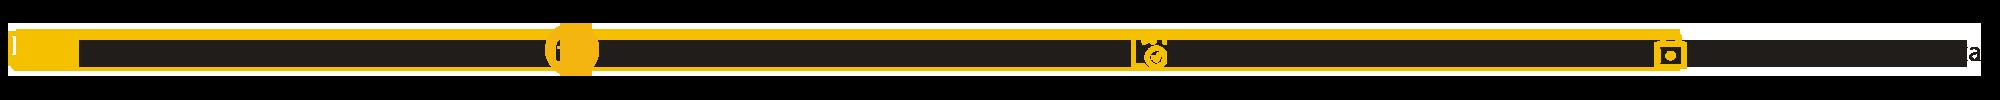 Banner Beco Nerd